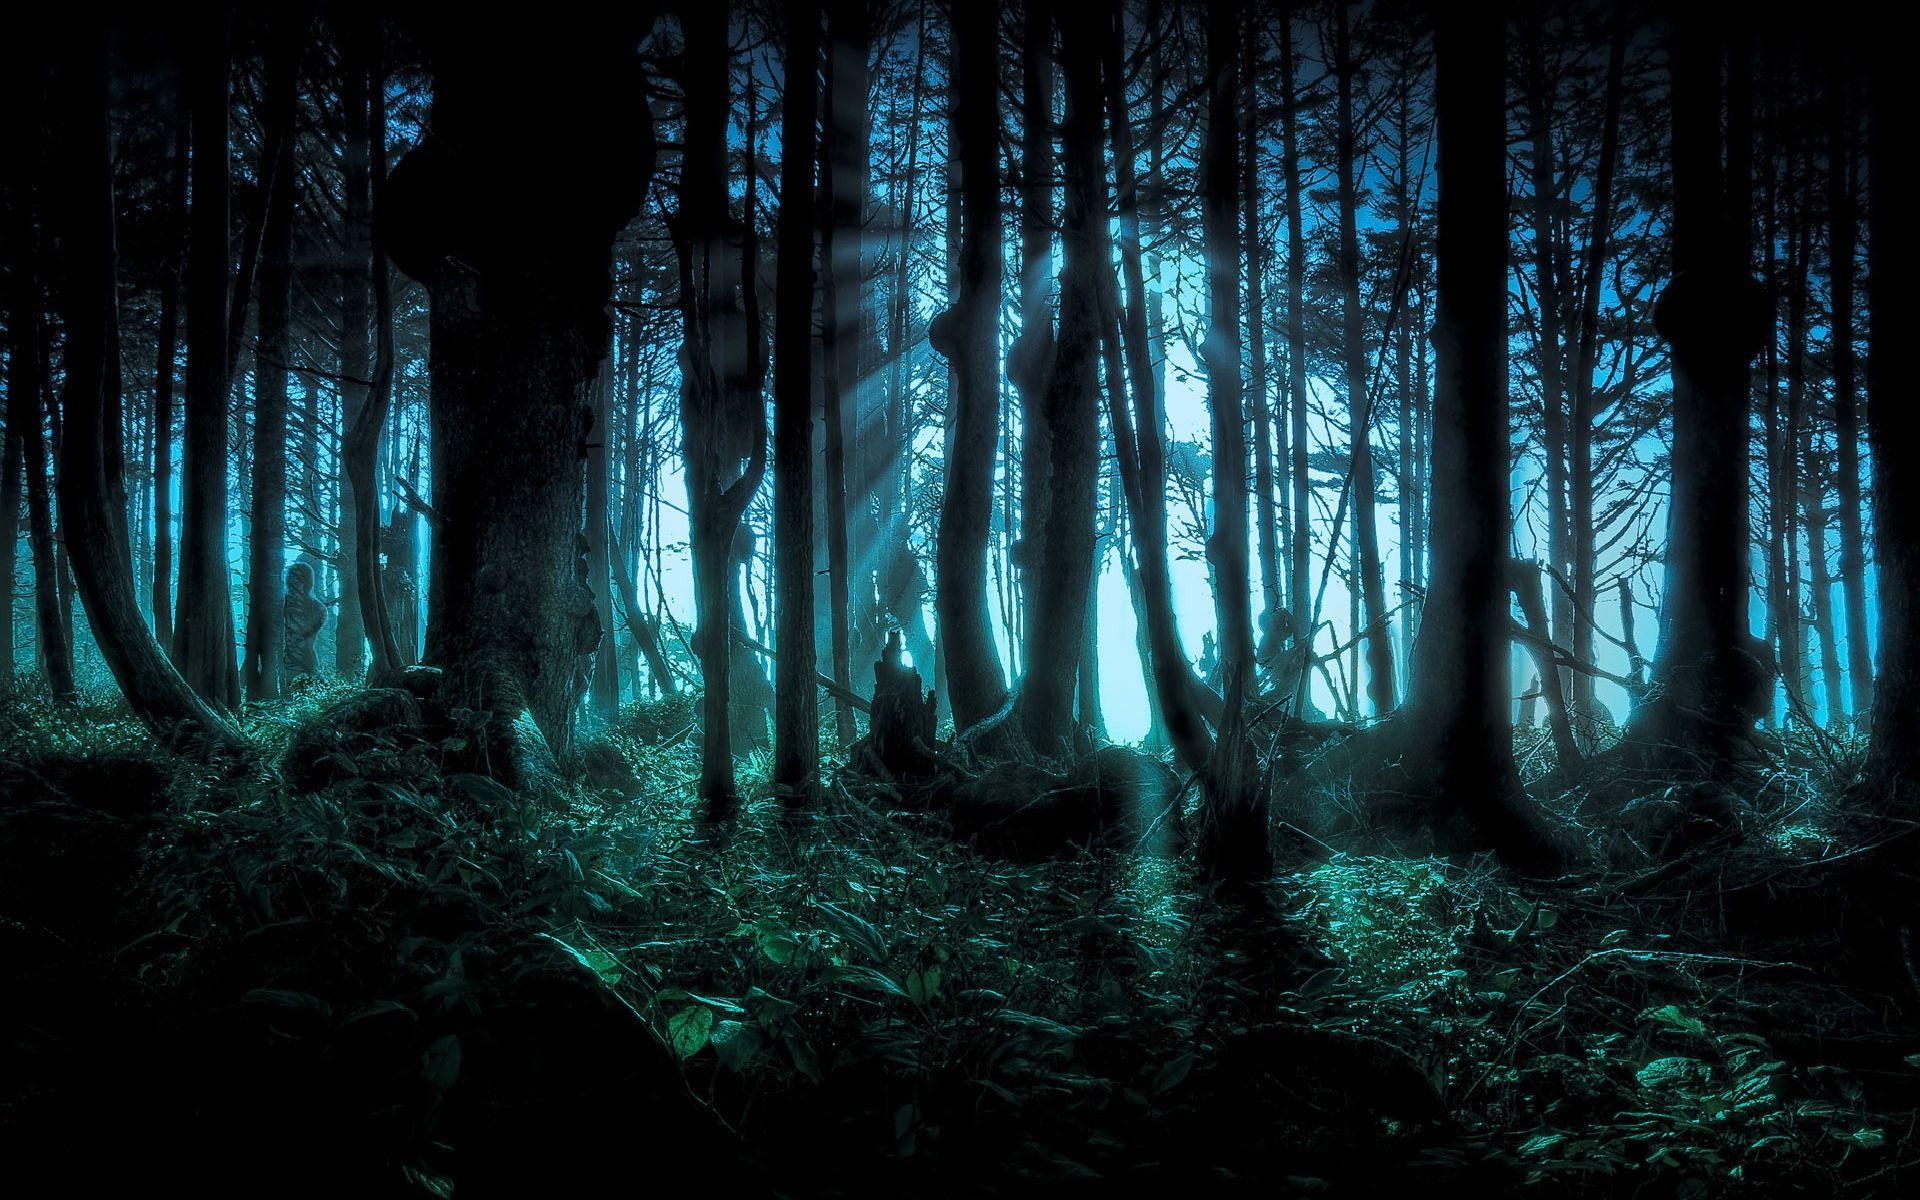 Fantasy Forest Widescreen Wallpaper High Resolution Wallpaper ...